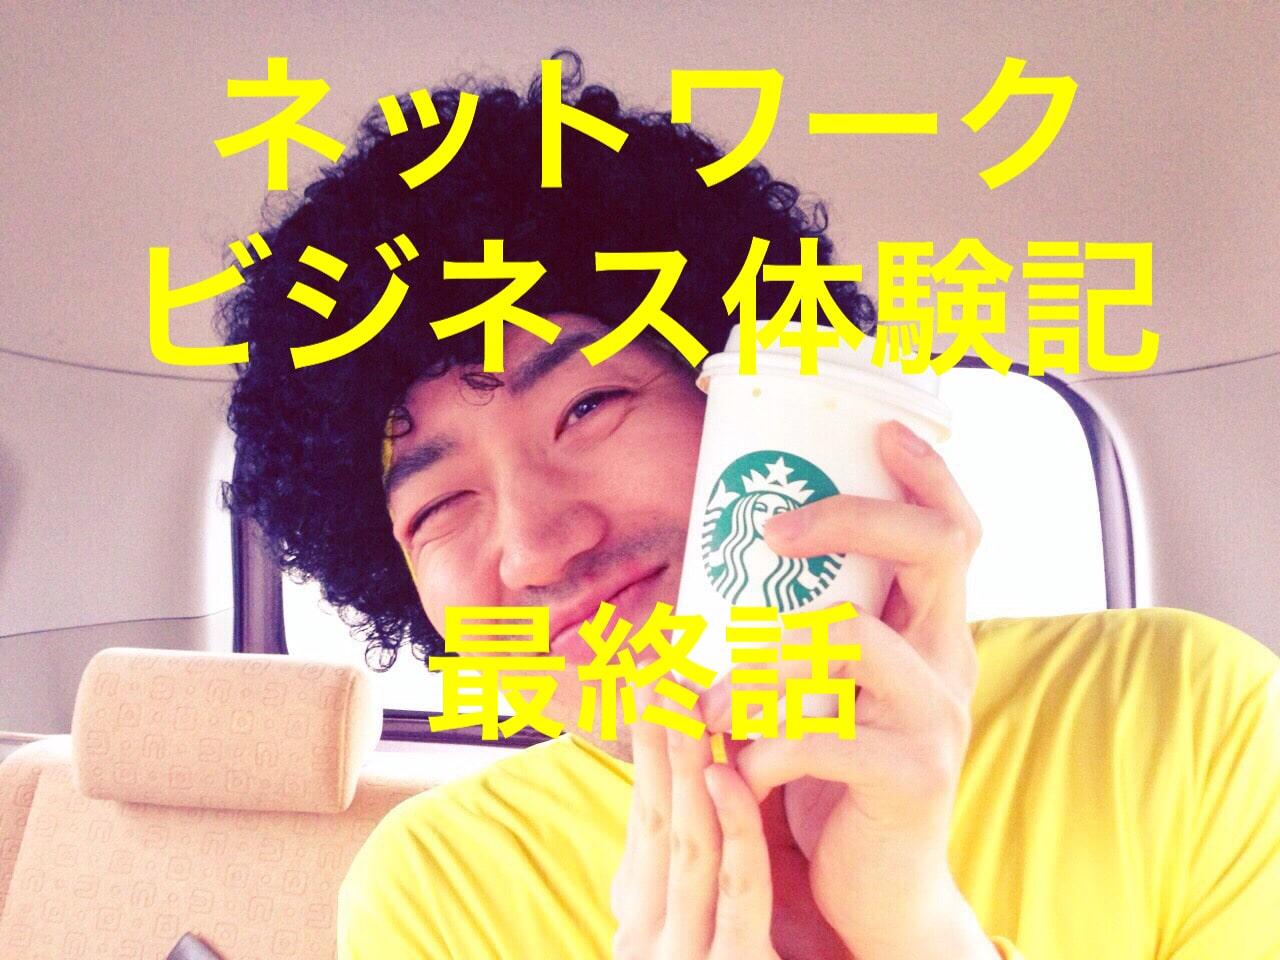 【最終話】実録!ネットワークビジネス(マルチ商法)体験記